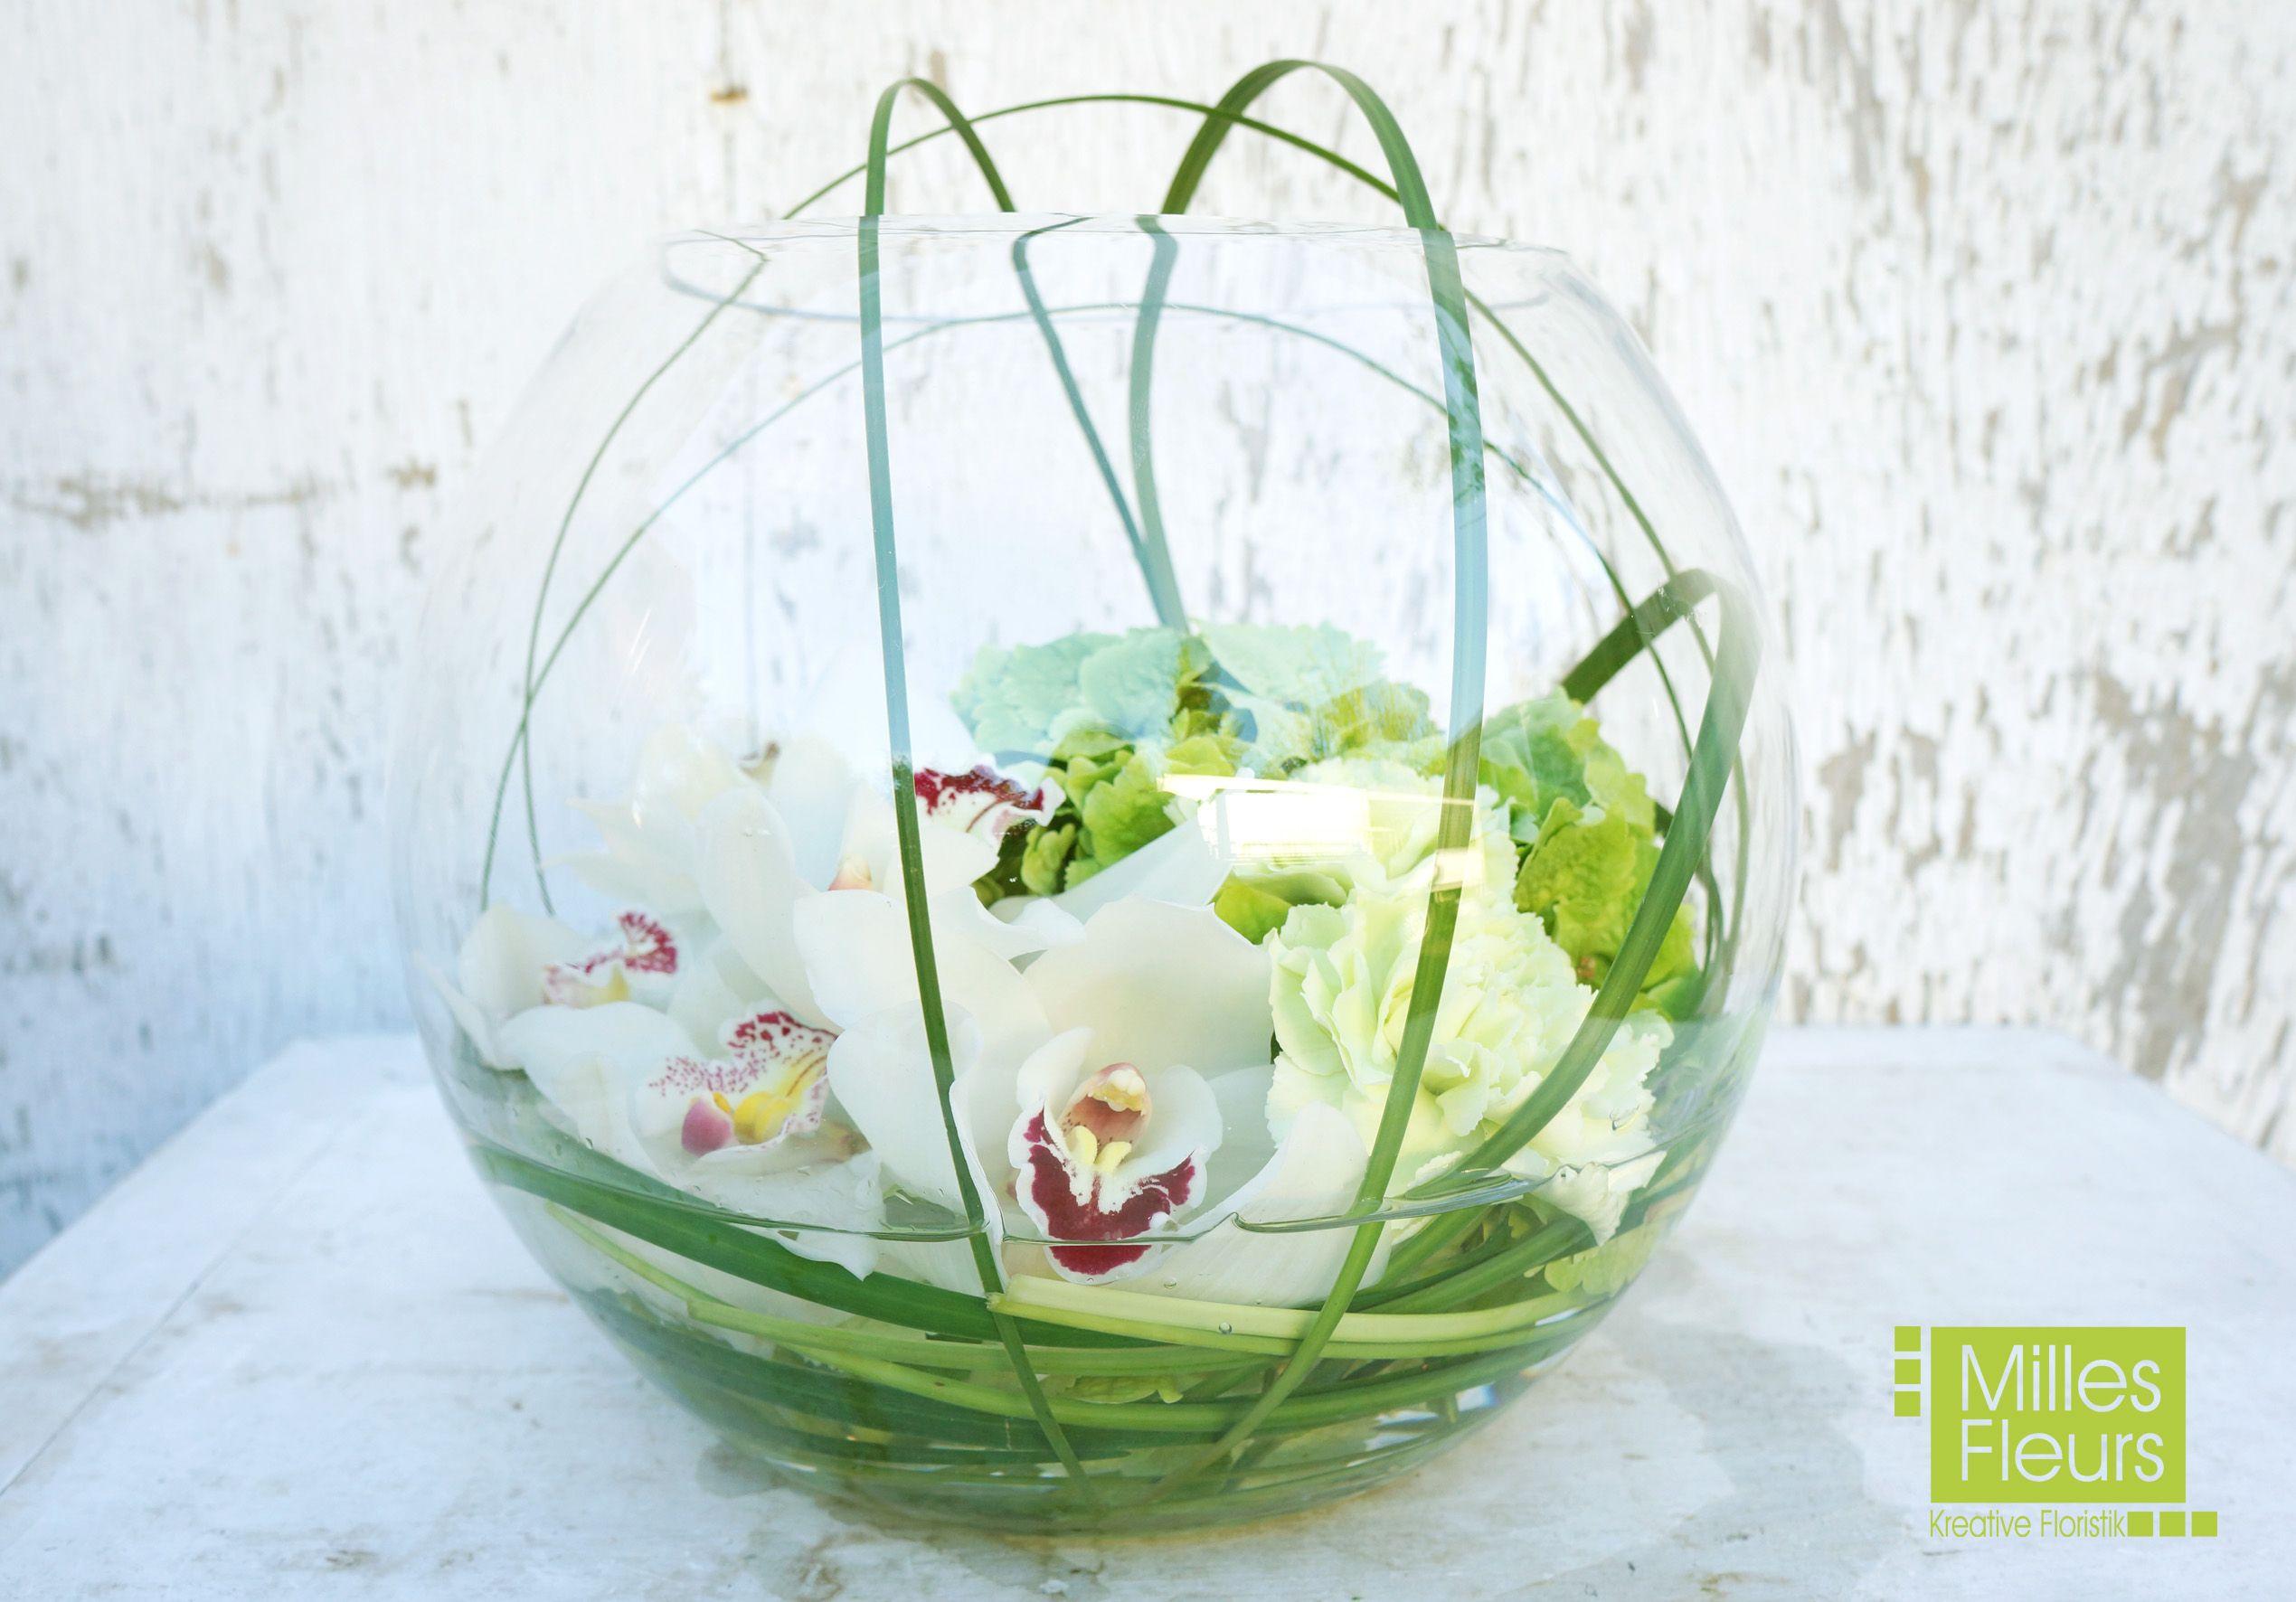 Blumendeko Exklusiv Mit Orchideen Bildergalerie Tischdekoration